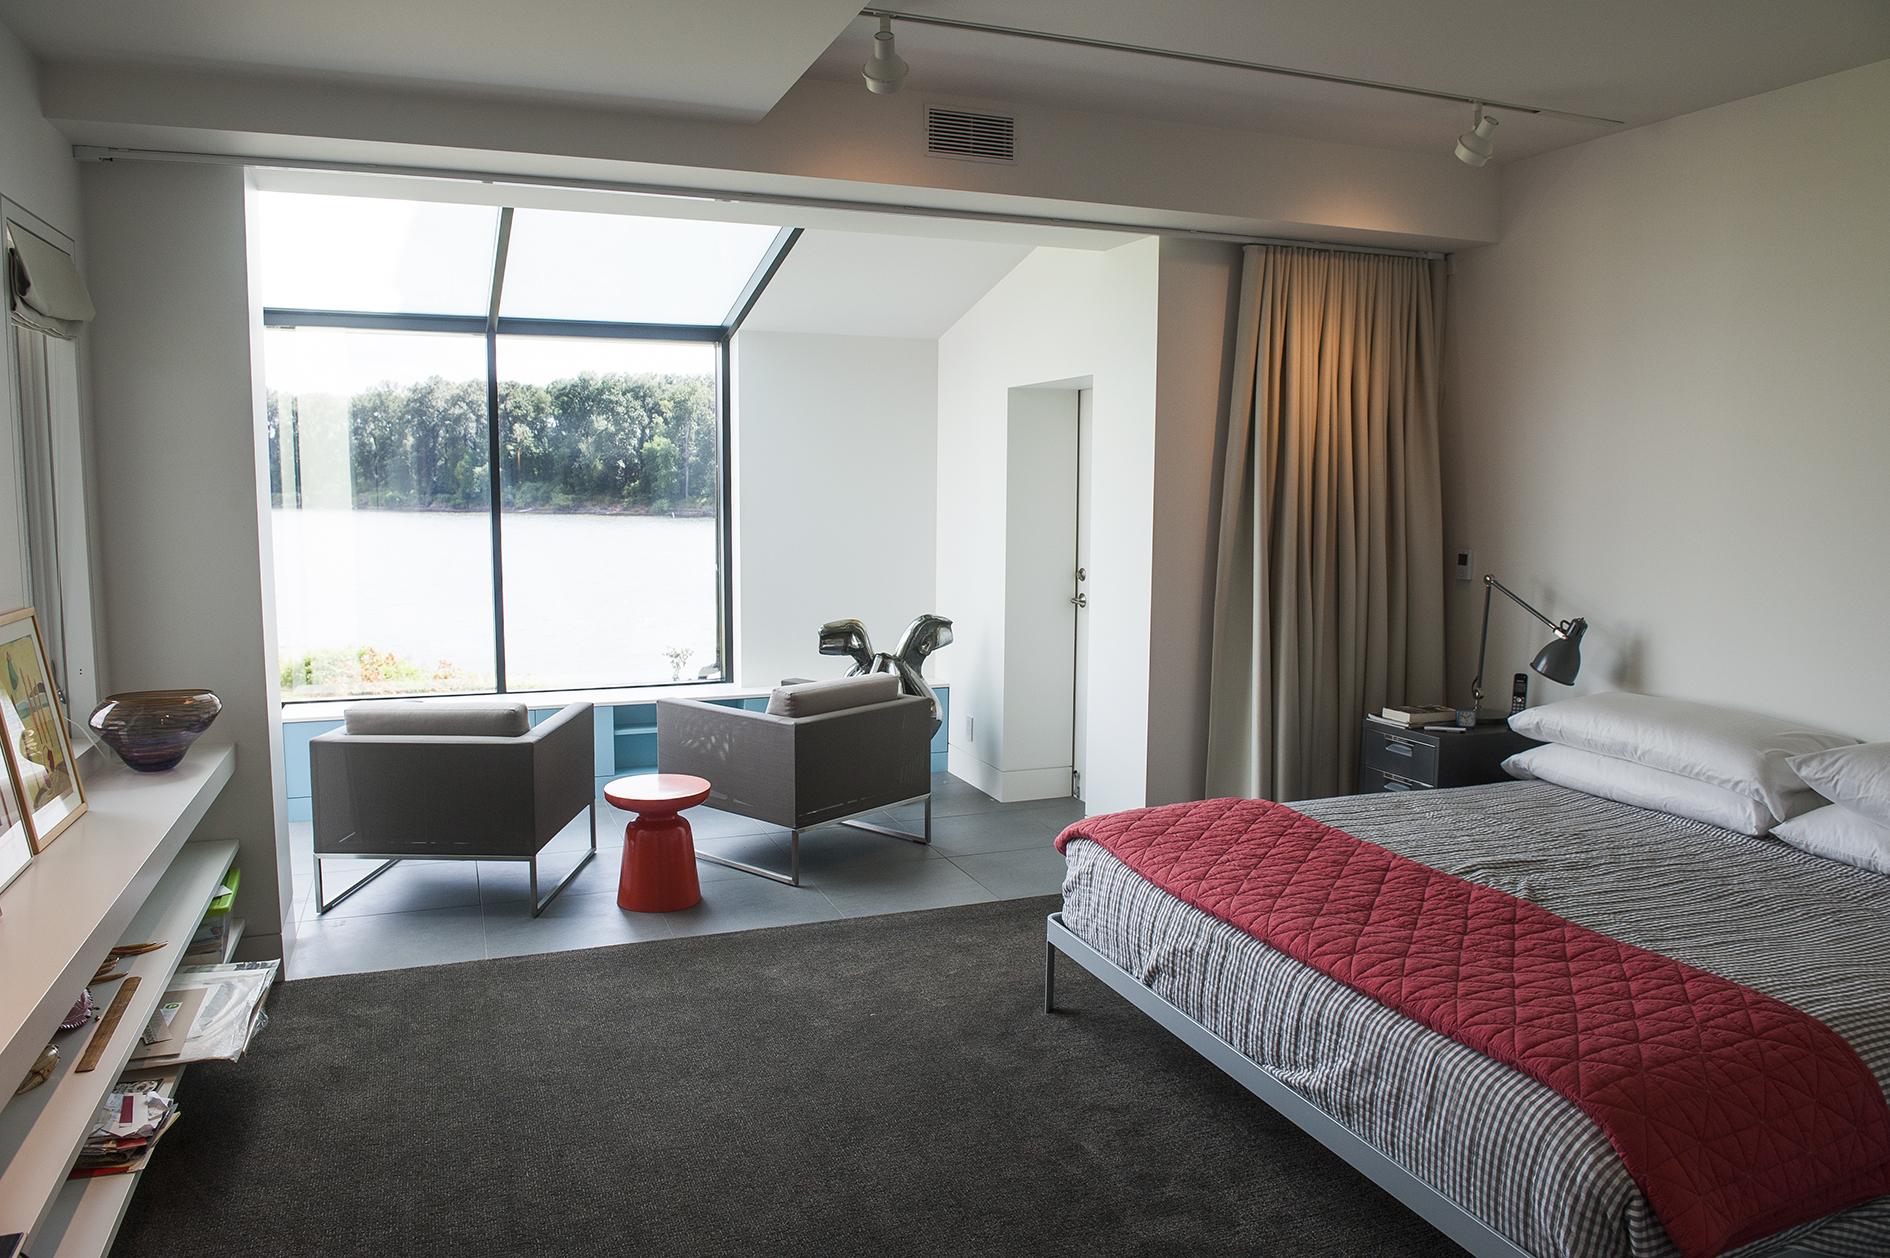 Portland Contemporary Remodel Master Bedroom